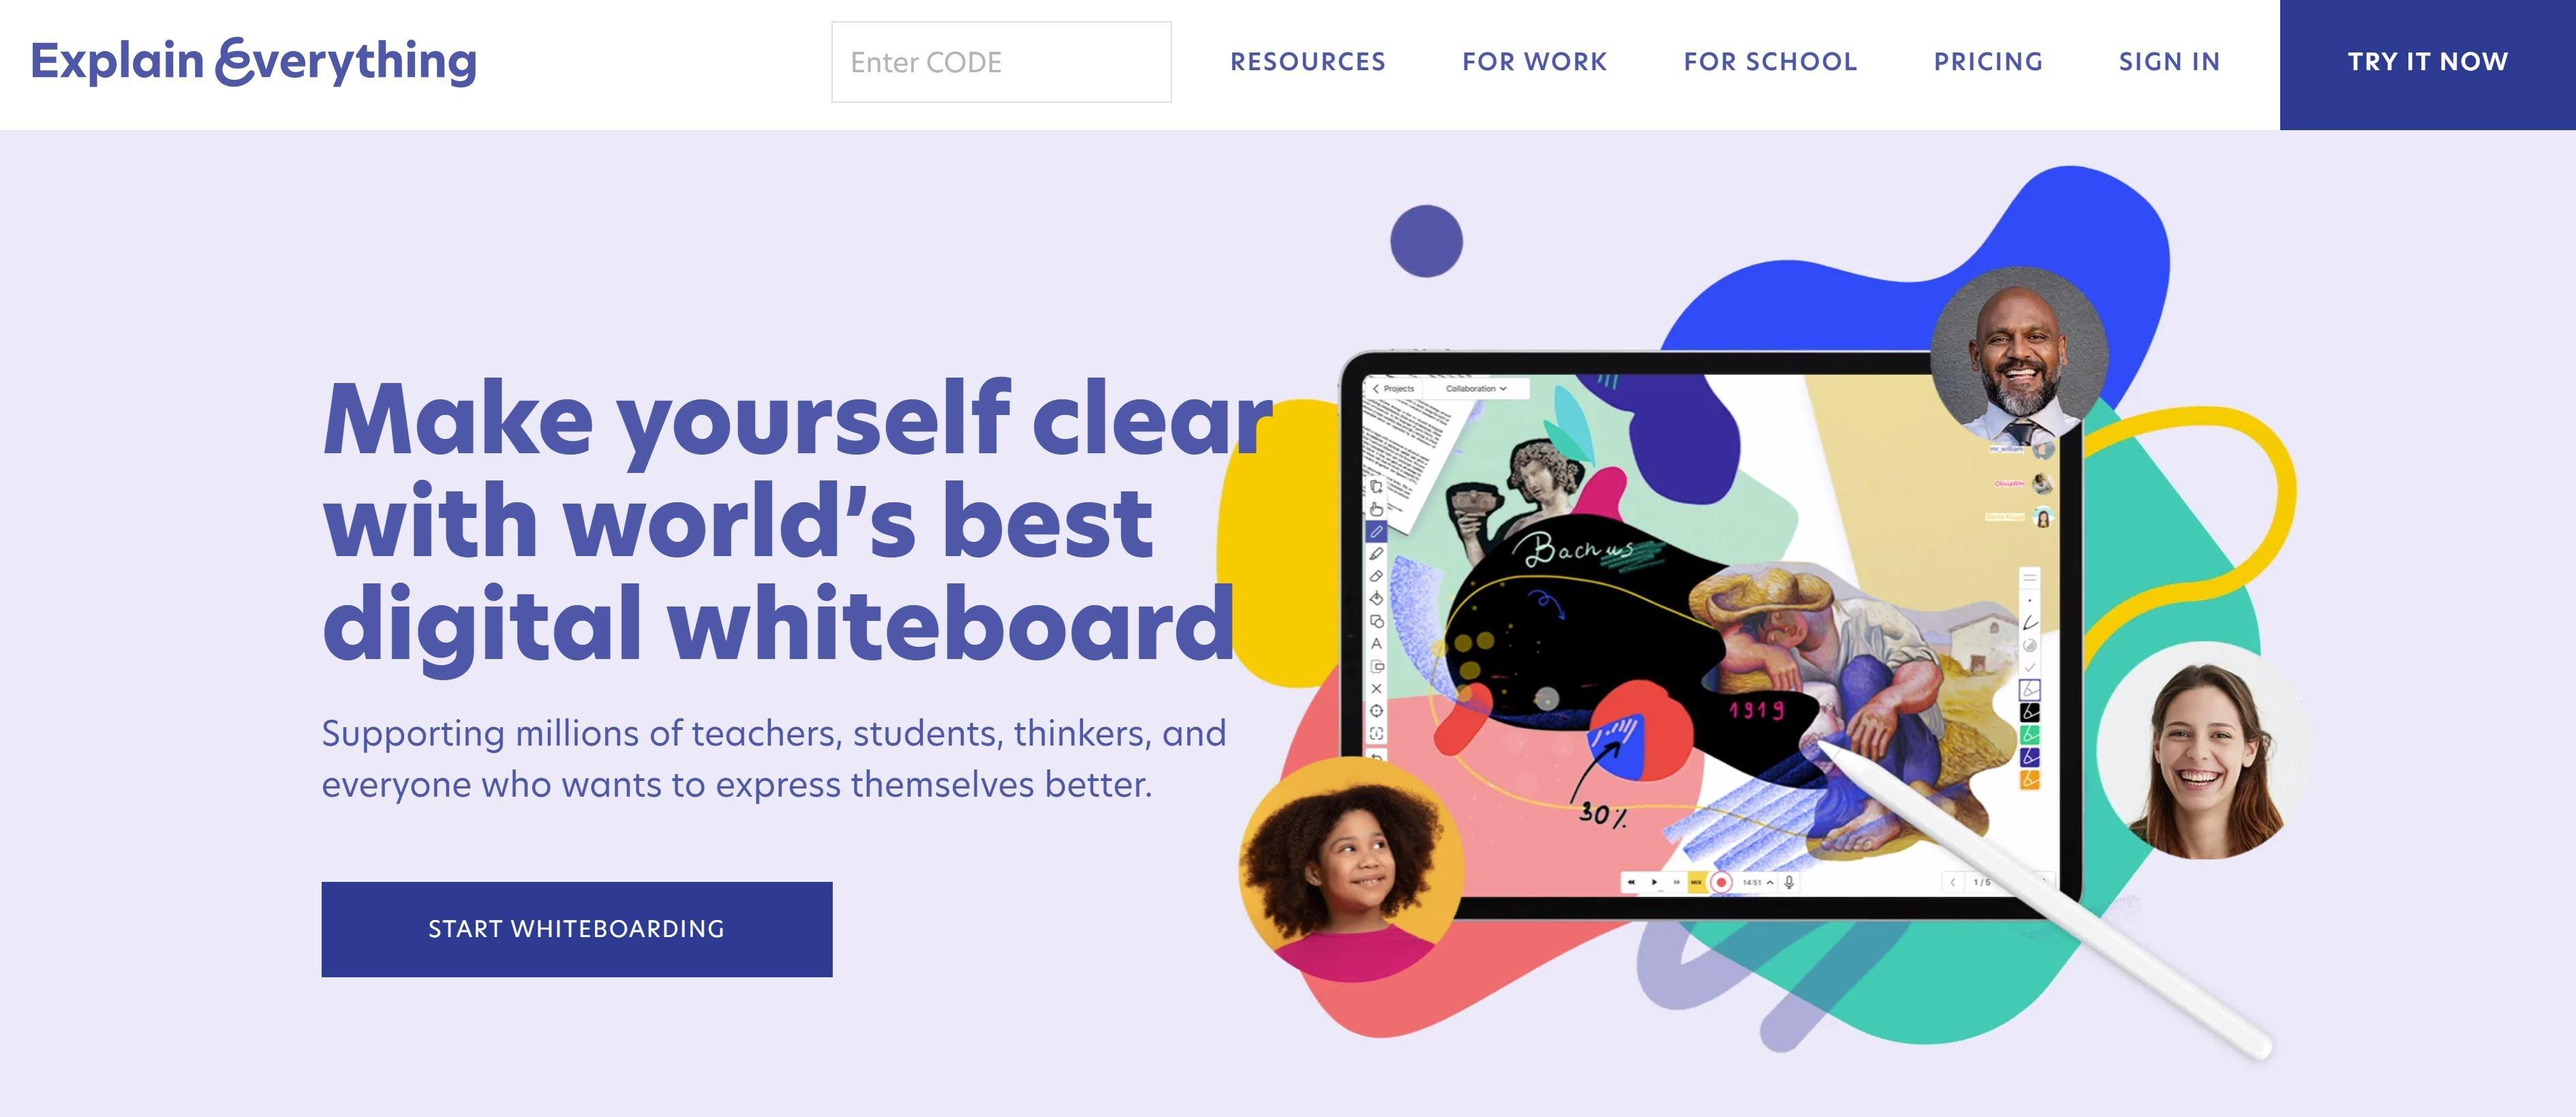 explain everything - Virtual whiteboarding